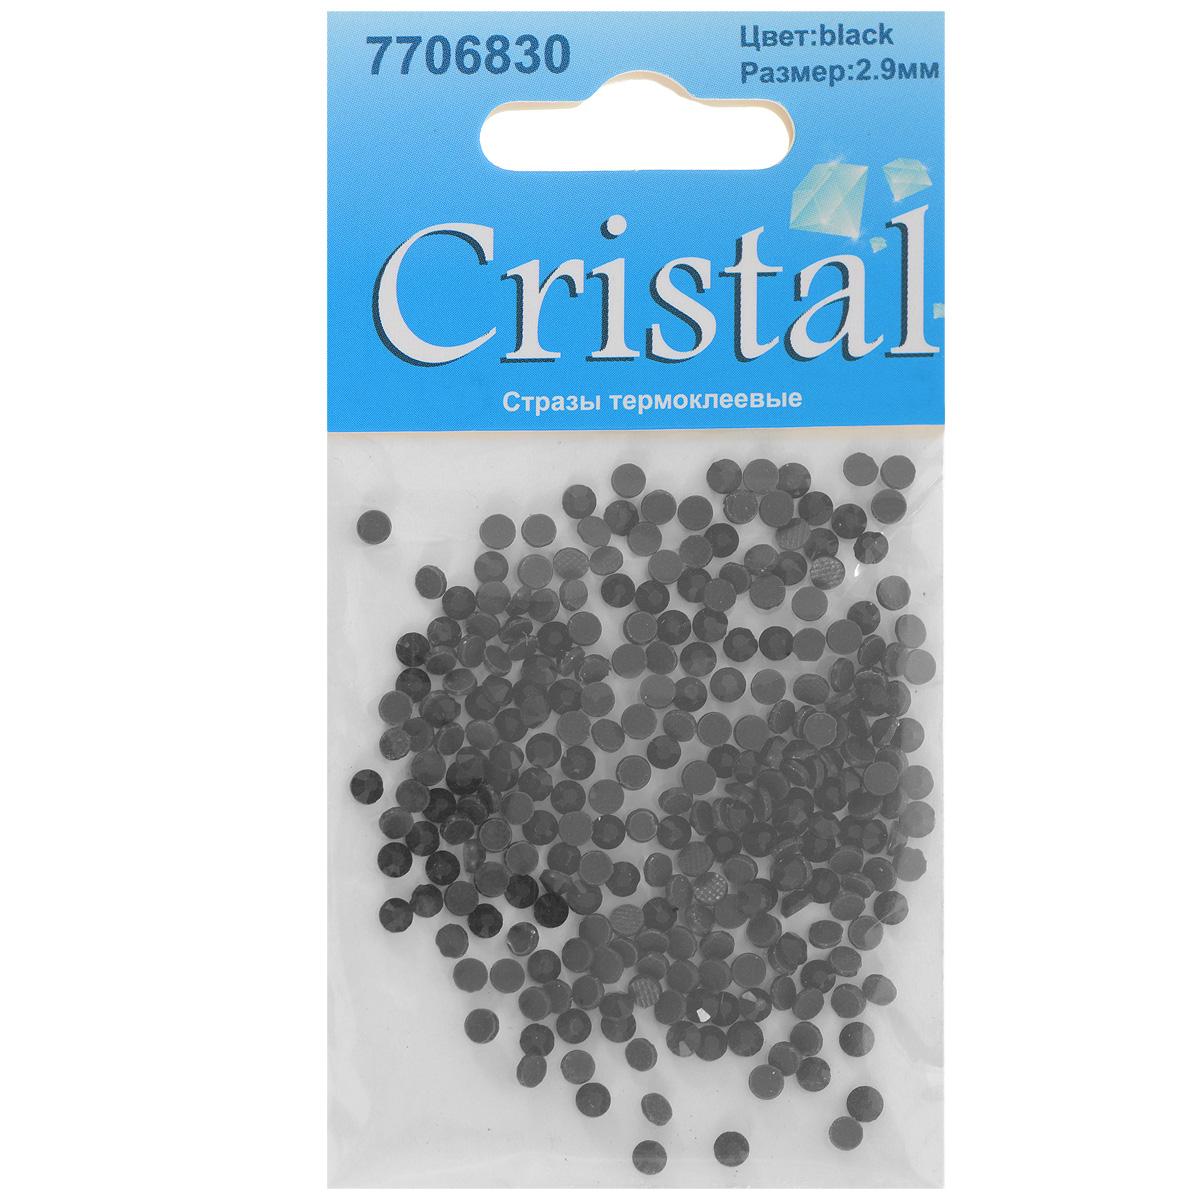 Стразы термоклеевые Cristal, цвет: черный, диаметр 2,9 мм, 288 шт7706830_черныйНабор термоклеевых страз Cristal, изготовленный из высококачественного акрила, позволит вам украсить одежду, аксессуары или текстиль. Яркие стразы имеют плоское дно и круглую поверхность с гранями. Дно термоклеевых страз уже обработано особым клеем, который под воздействием высоких температур начинает плавиться, приклеиваясь, таким образом, к требуемой поверхности. Чаще всего их используют в текстильной промышленности: стразы прикладывают к ткани и проглаживают утюгом с обратной стороны. Также можно использовать специальный паяльник. Украшение стразами поможет сделать любую вещь оригинальной и неповторимой. Диаметр страз: 2,9 мм.